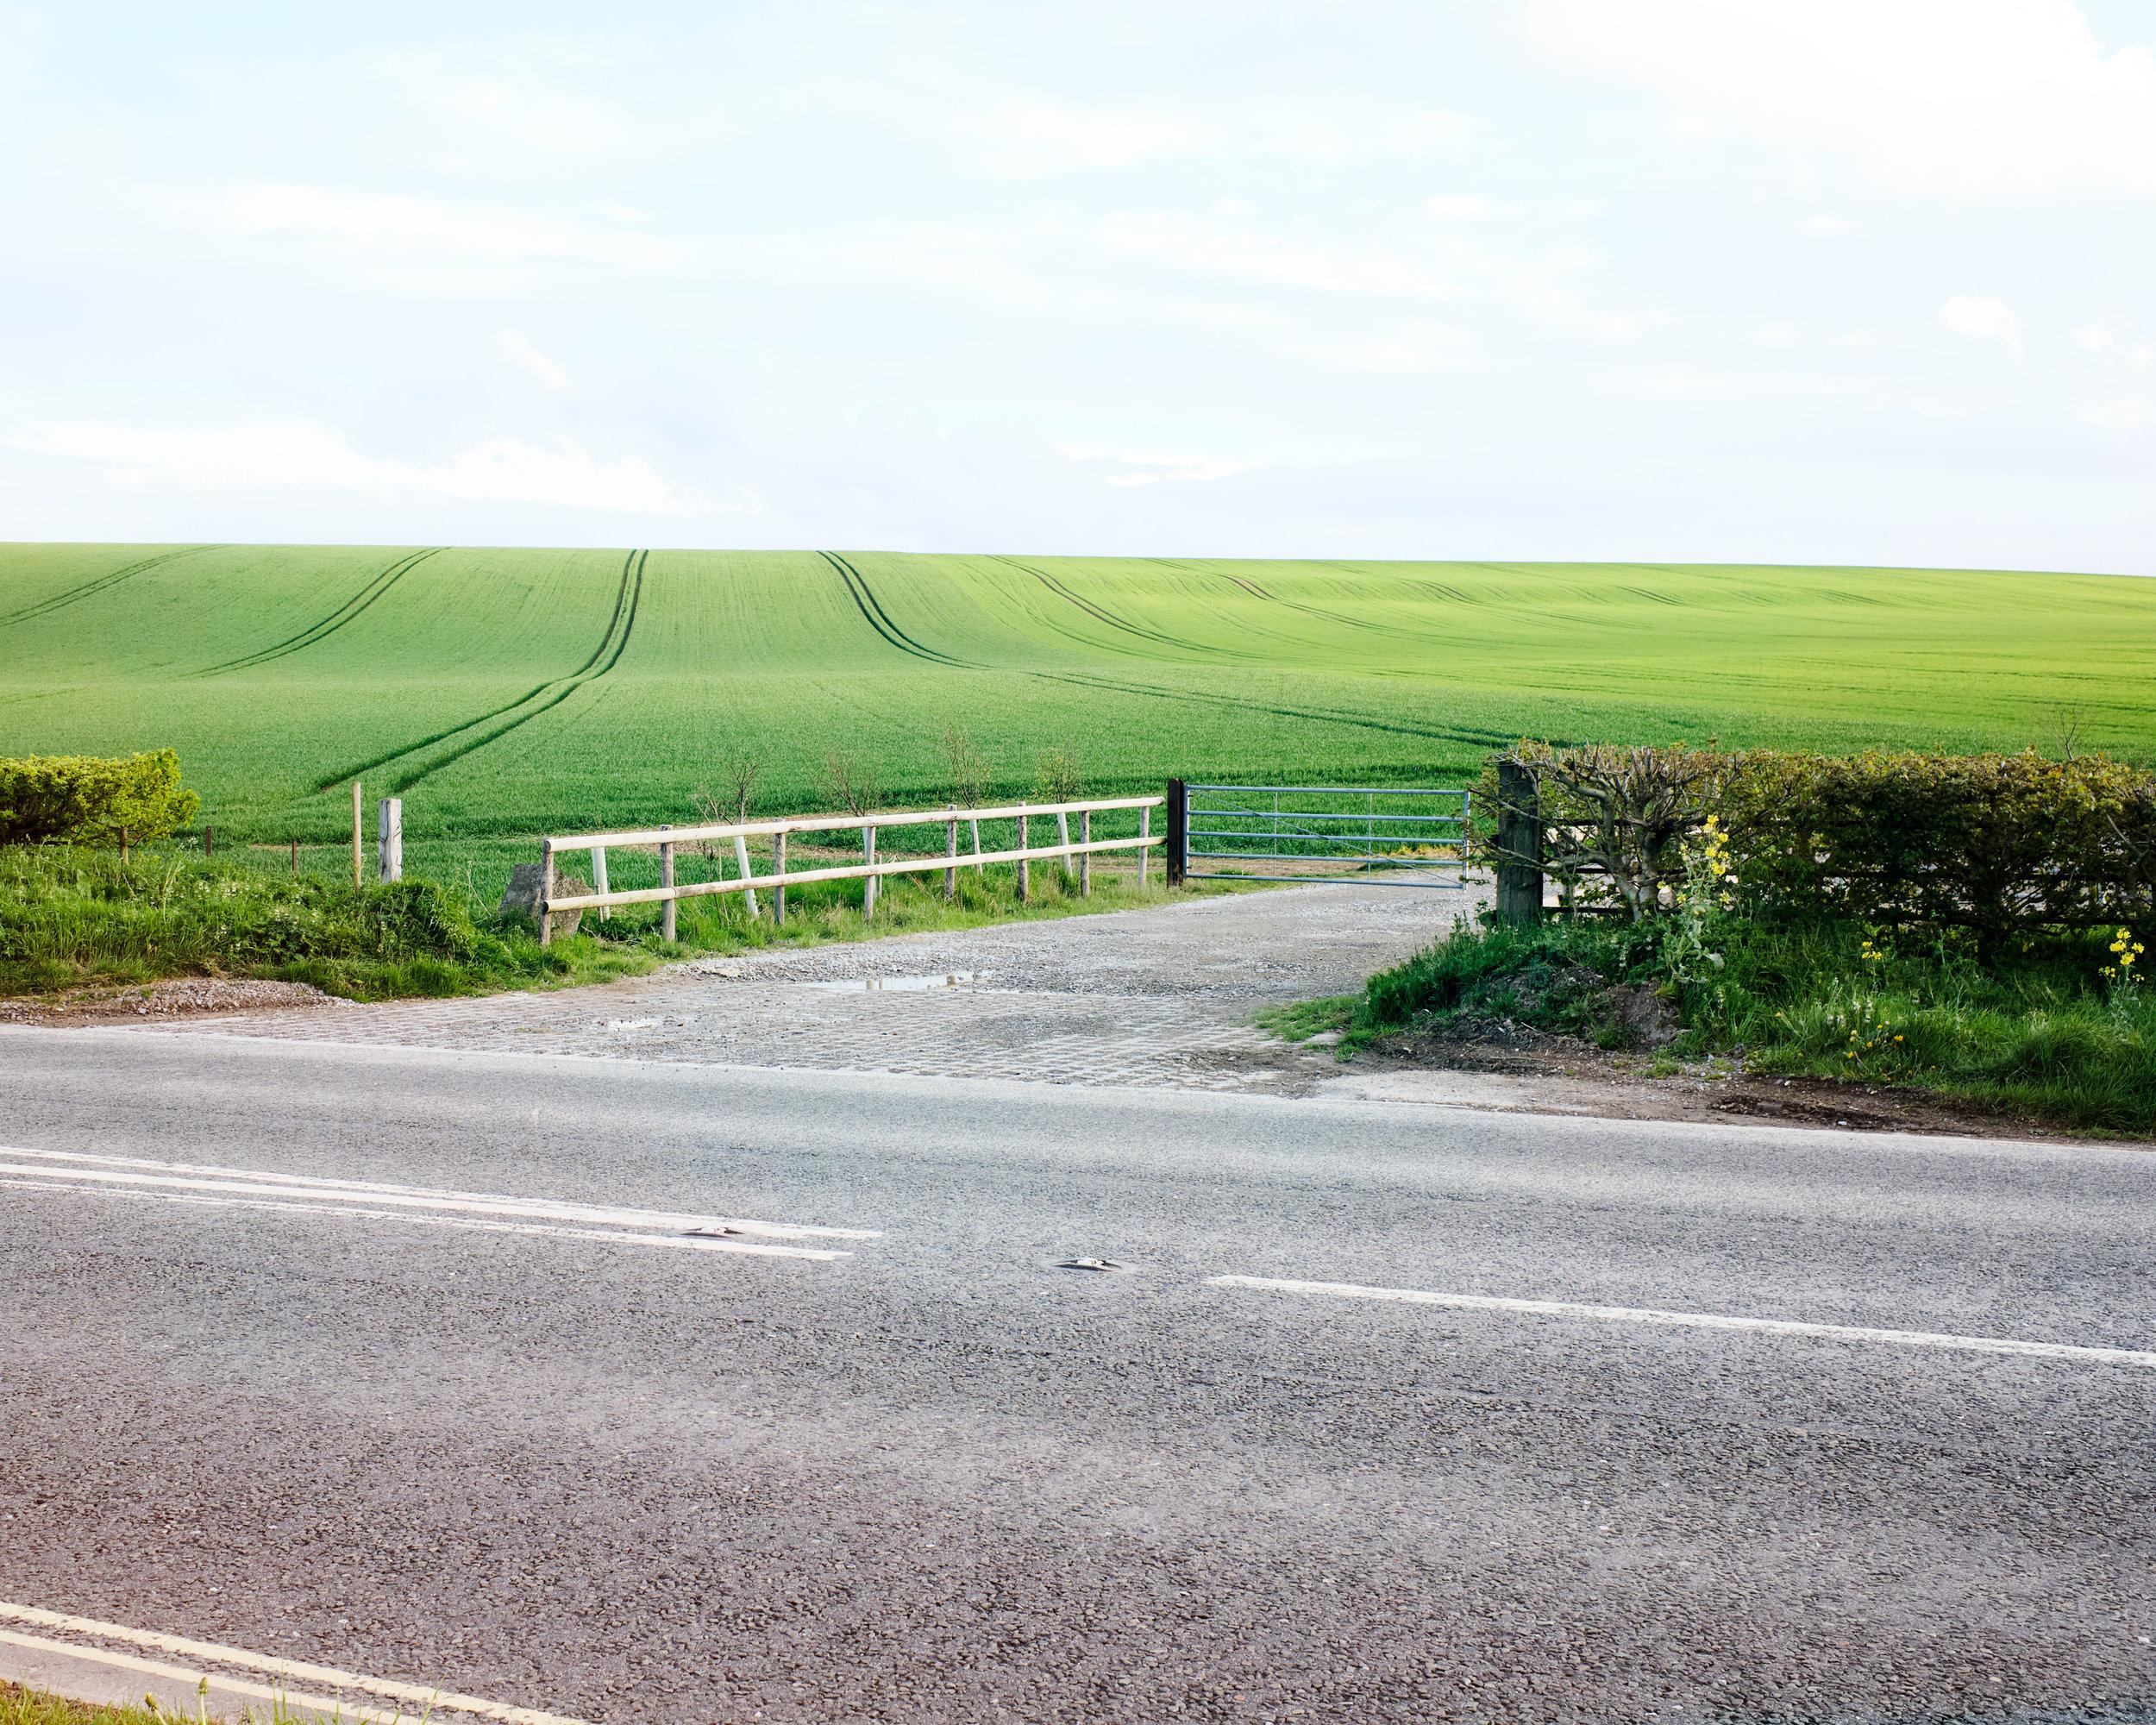 Mum - The A4 - Silbury Hill 2.jpg